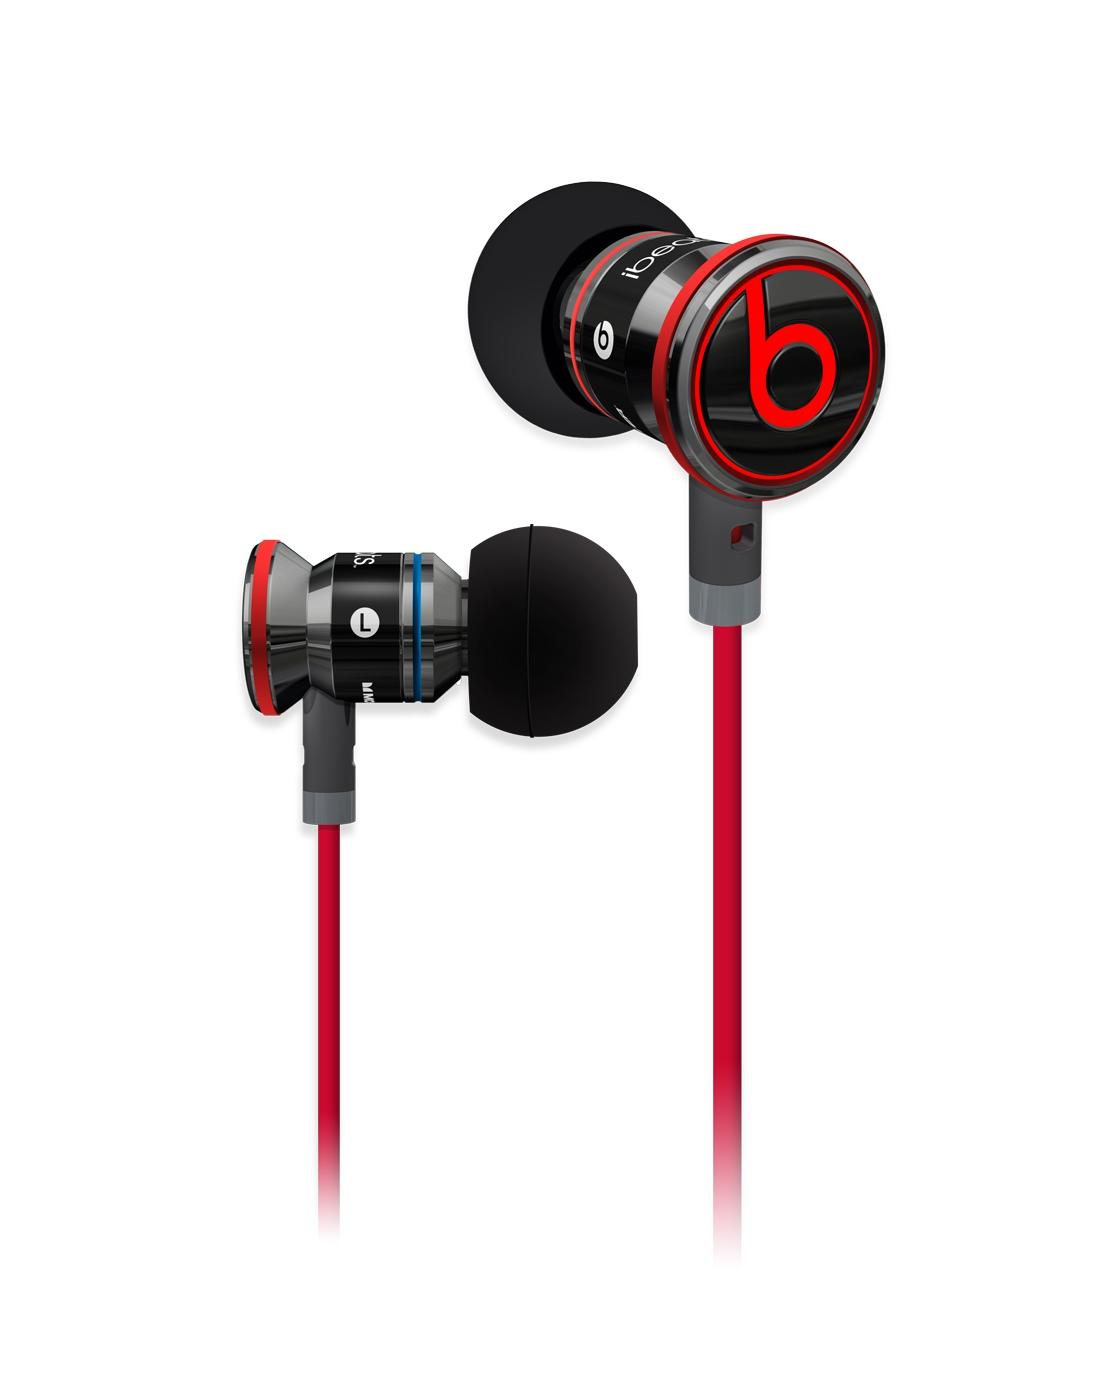 魔声耳机入耳式线控耳机(黑色)